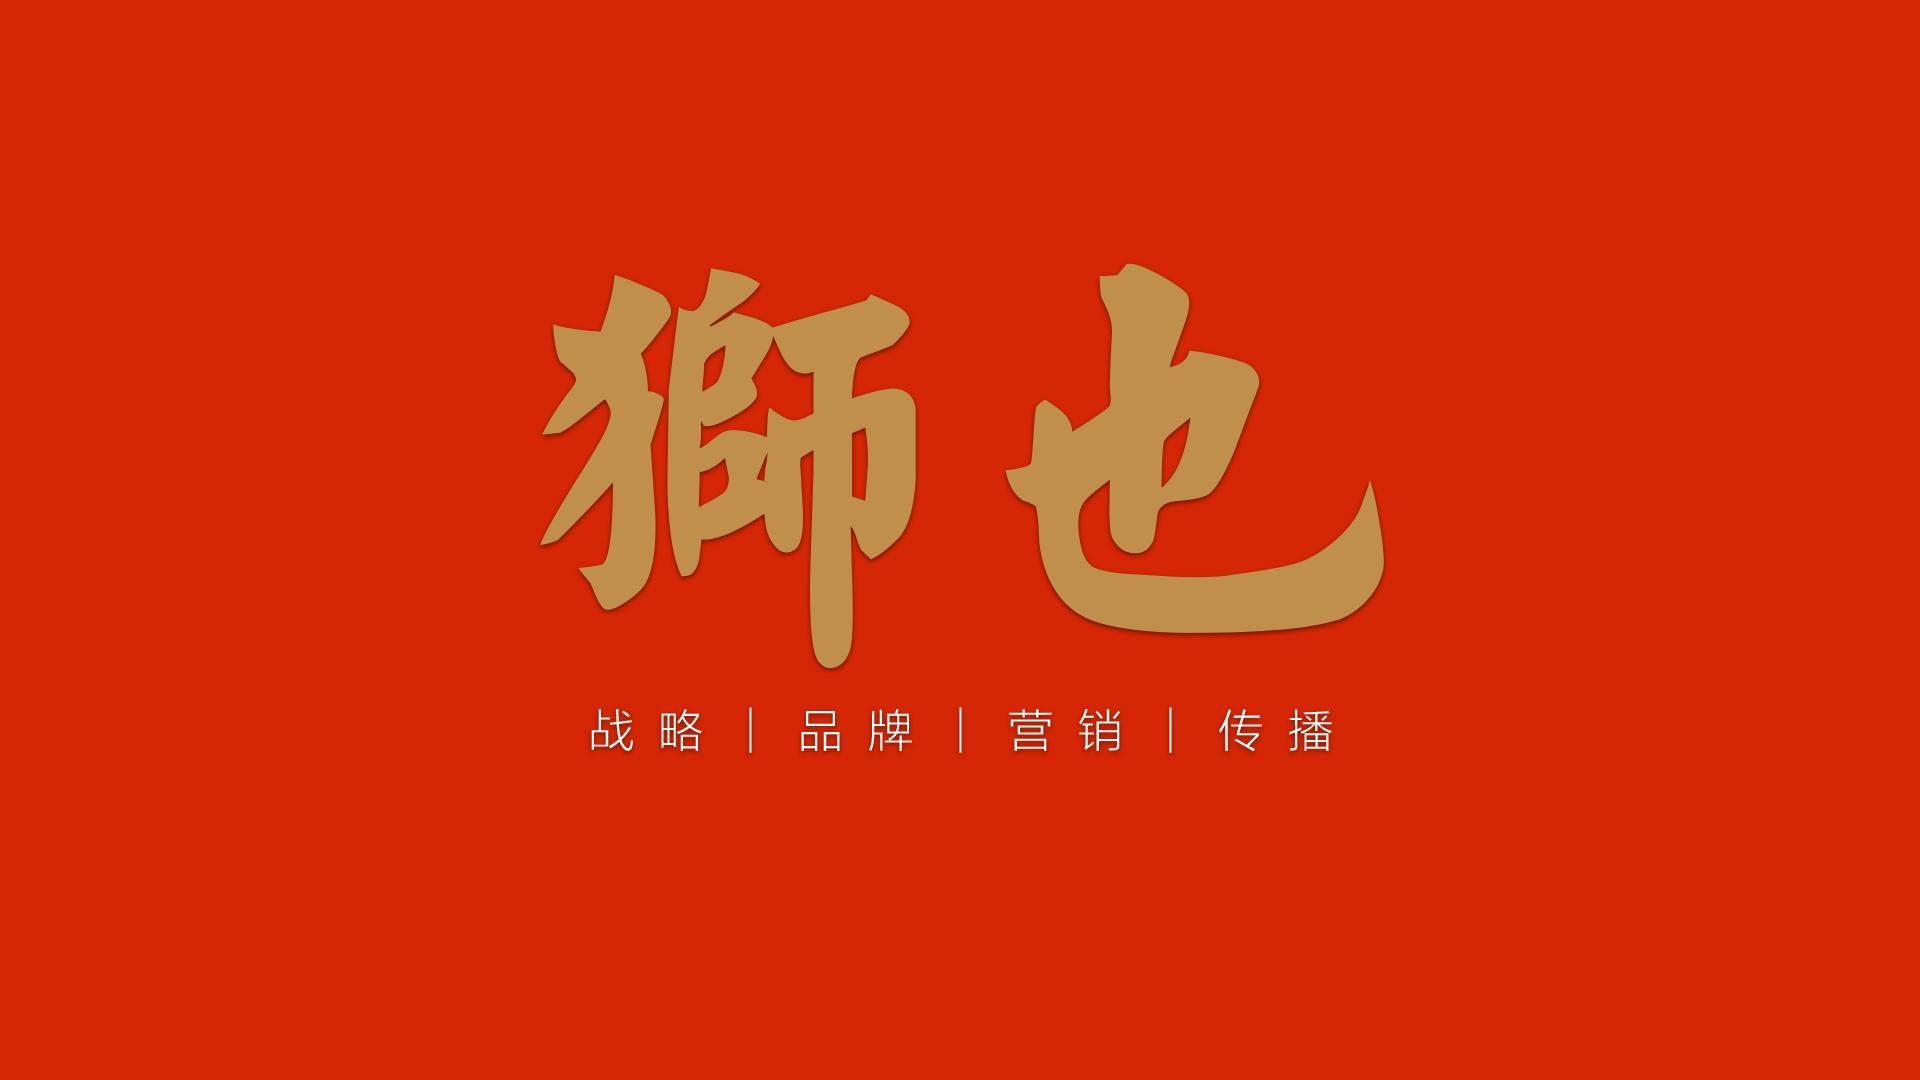 上海营销策划公司—财务战略管理的基本模式